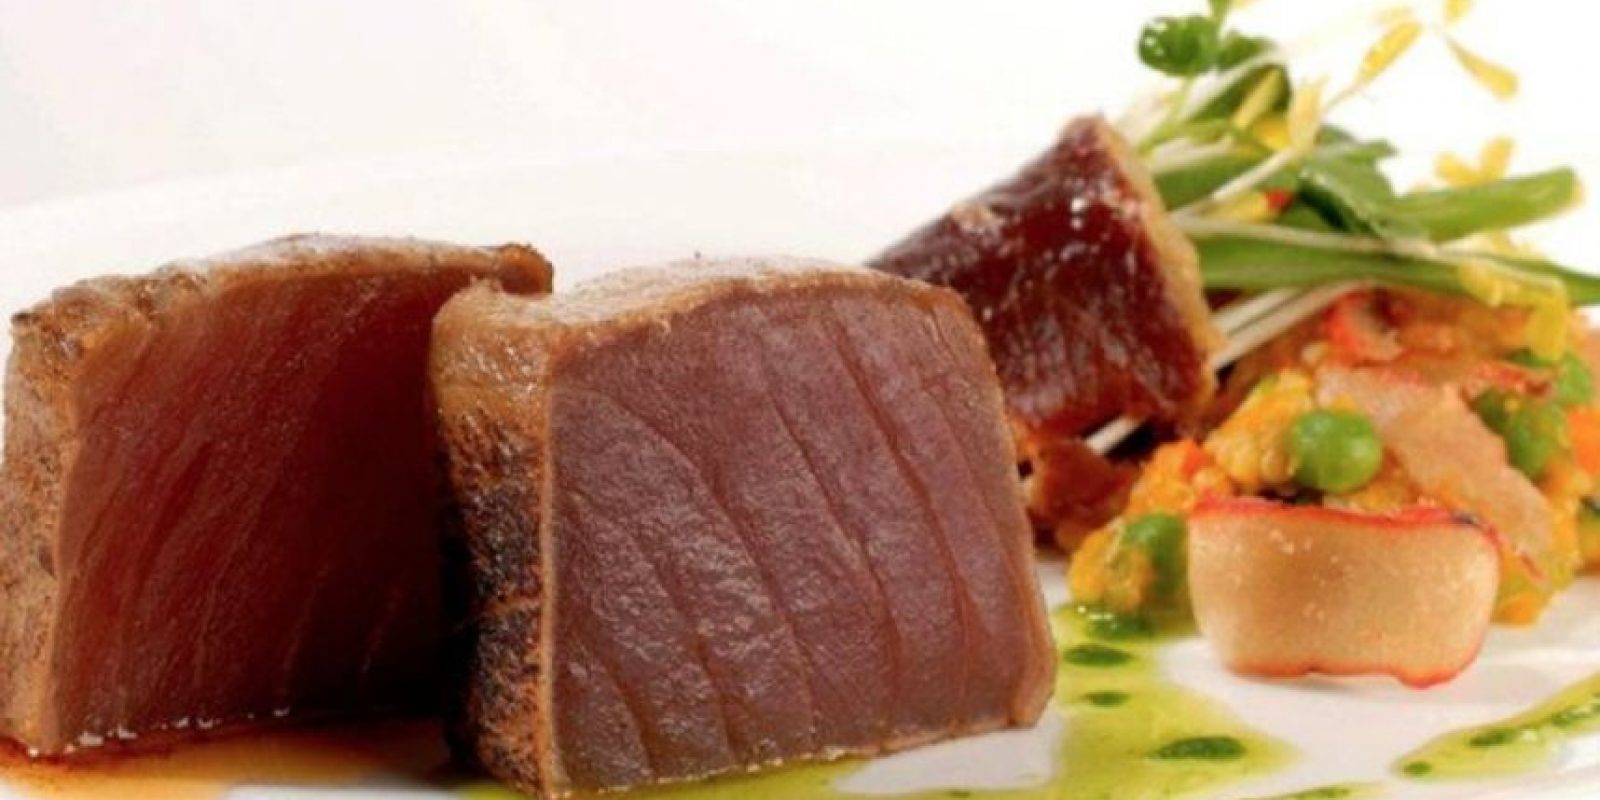 """""""Con eso se logra el verdadero sazón chileno"""", finalizó el reconocido chef. Foto:Vía Facebook.com/espaciogastro"""